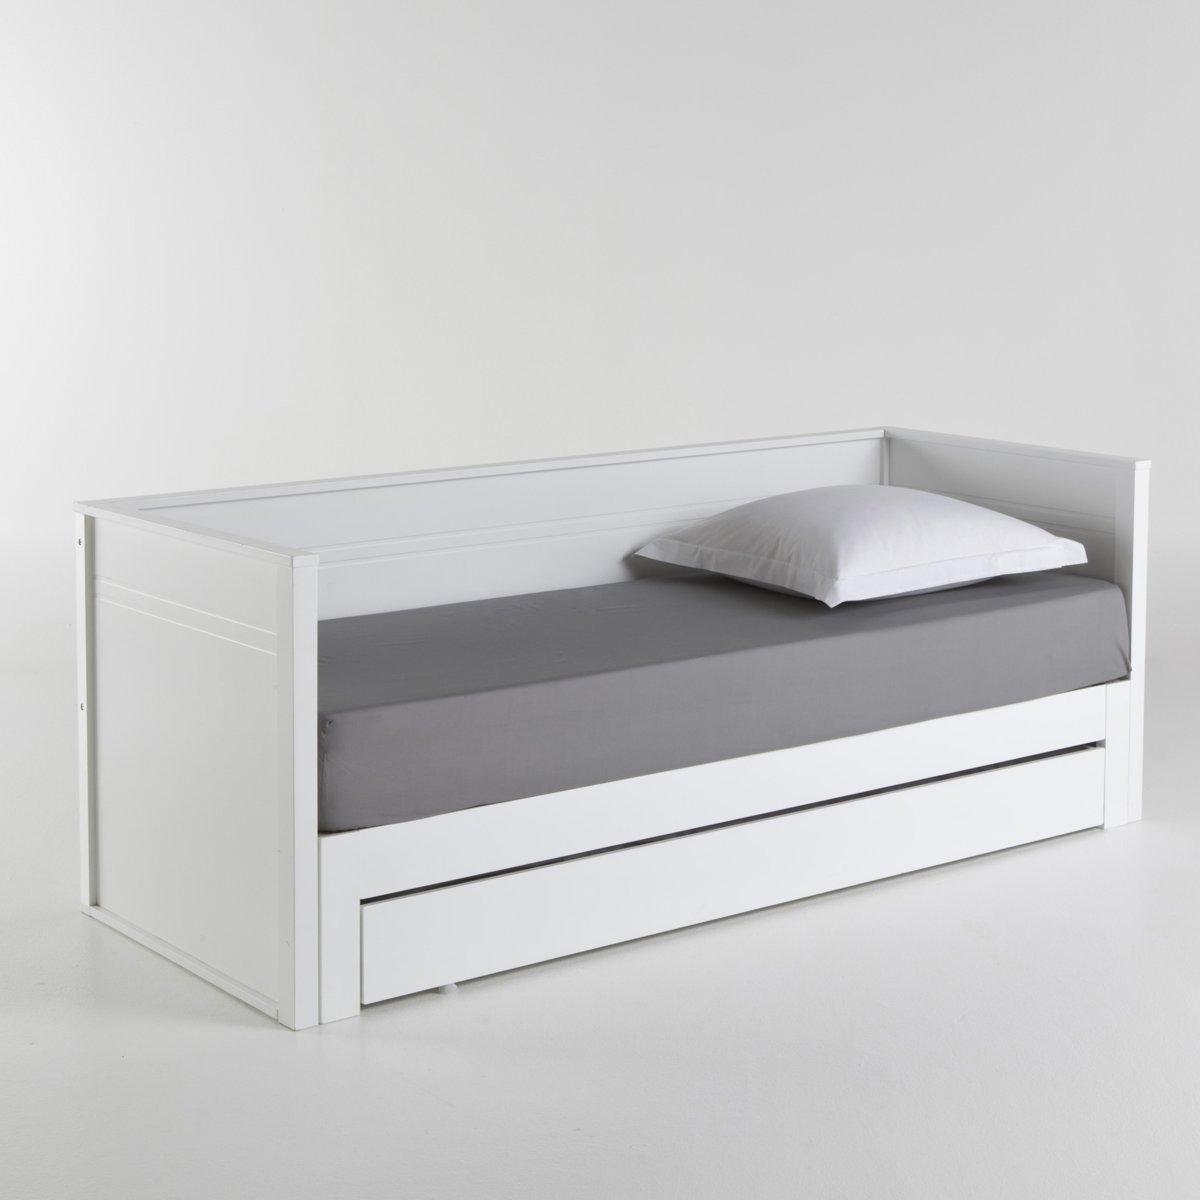 Диван-кровать с двойным спальным местом, Leeds daughtry leeds